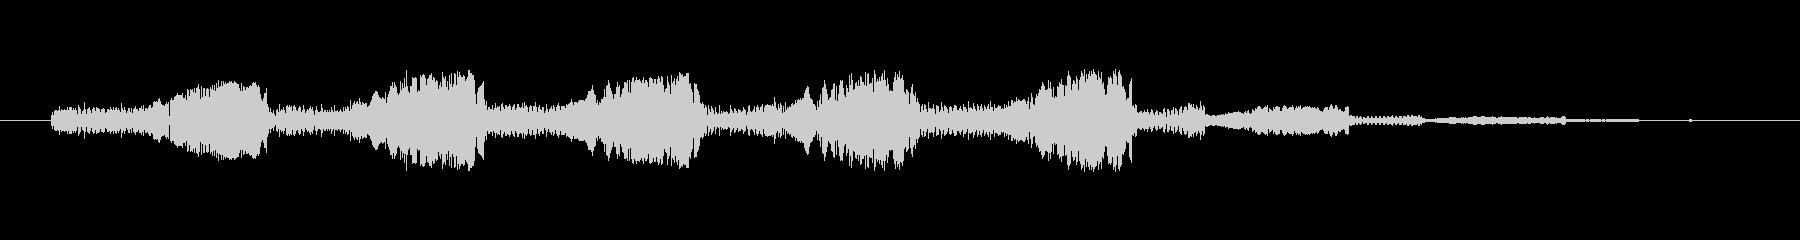 シンセ ショット未来的なぐらつき低03の未再生の波形